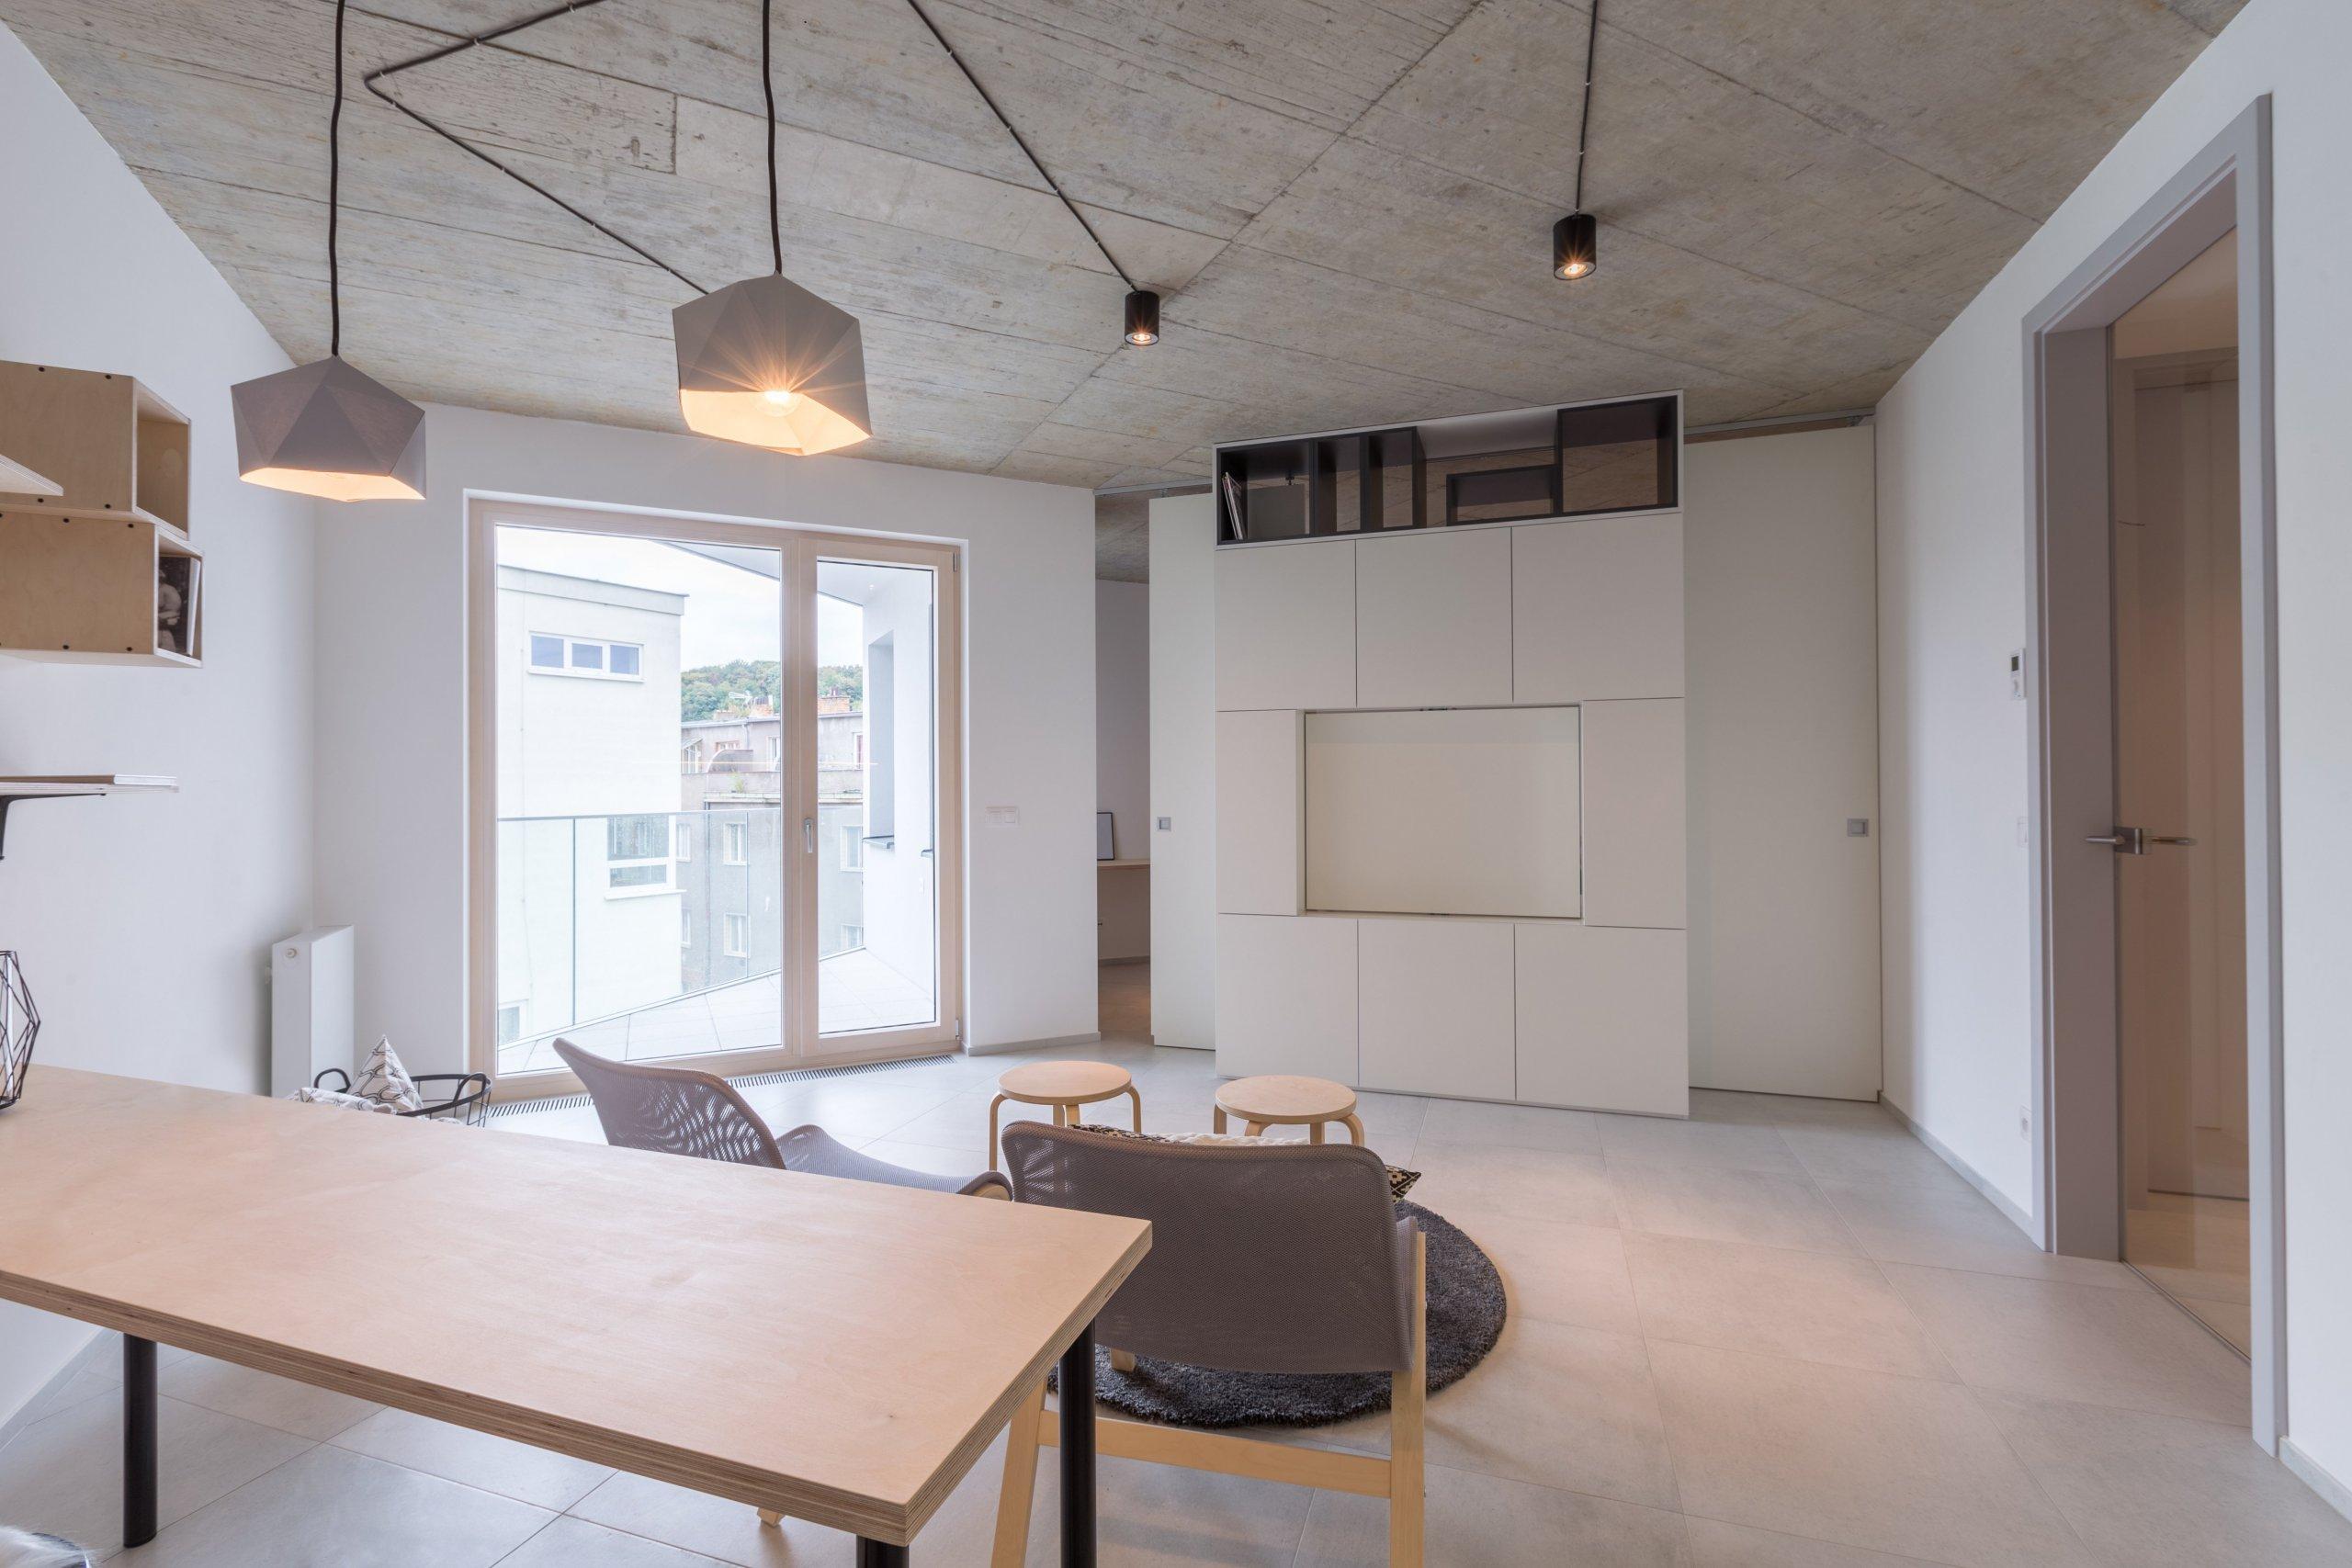 Na kompletní realizaci interiéru jsem se sklientem dohodla ještě ve fázi hrubé stavby, což byla výhoda při zadávání klientských změn oproti projektu. Od…